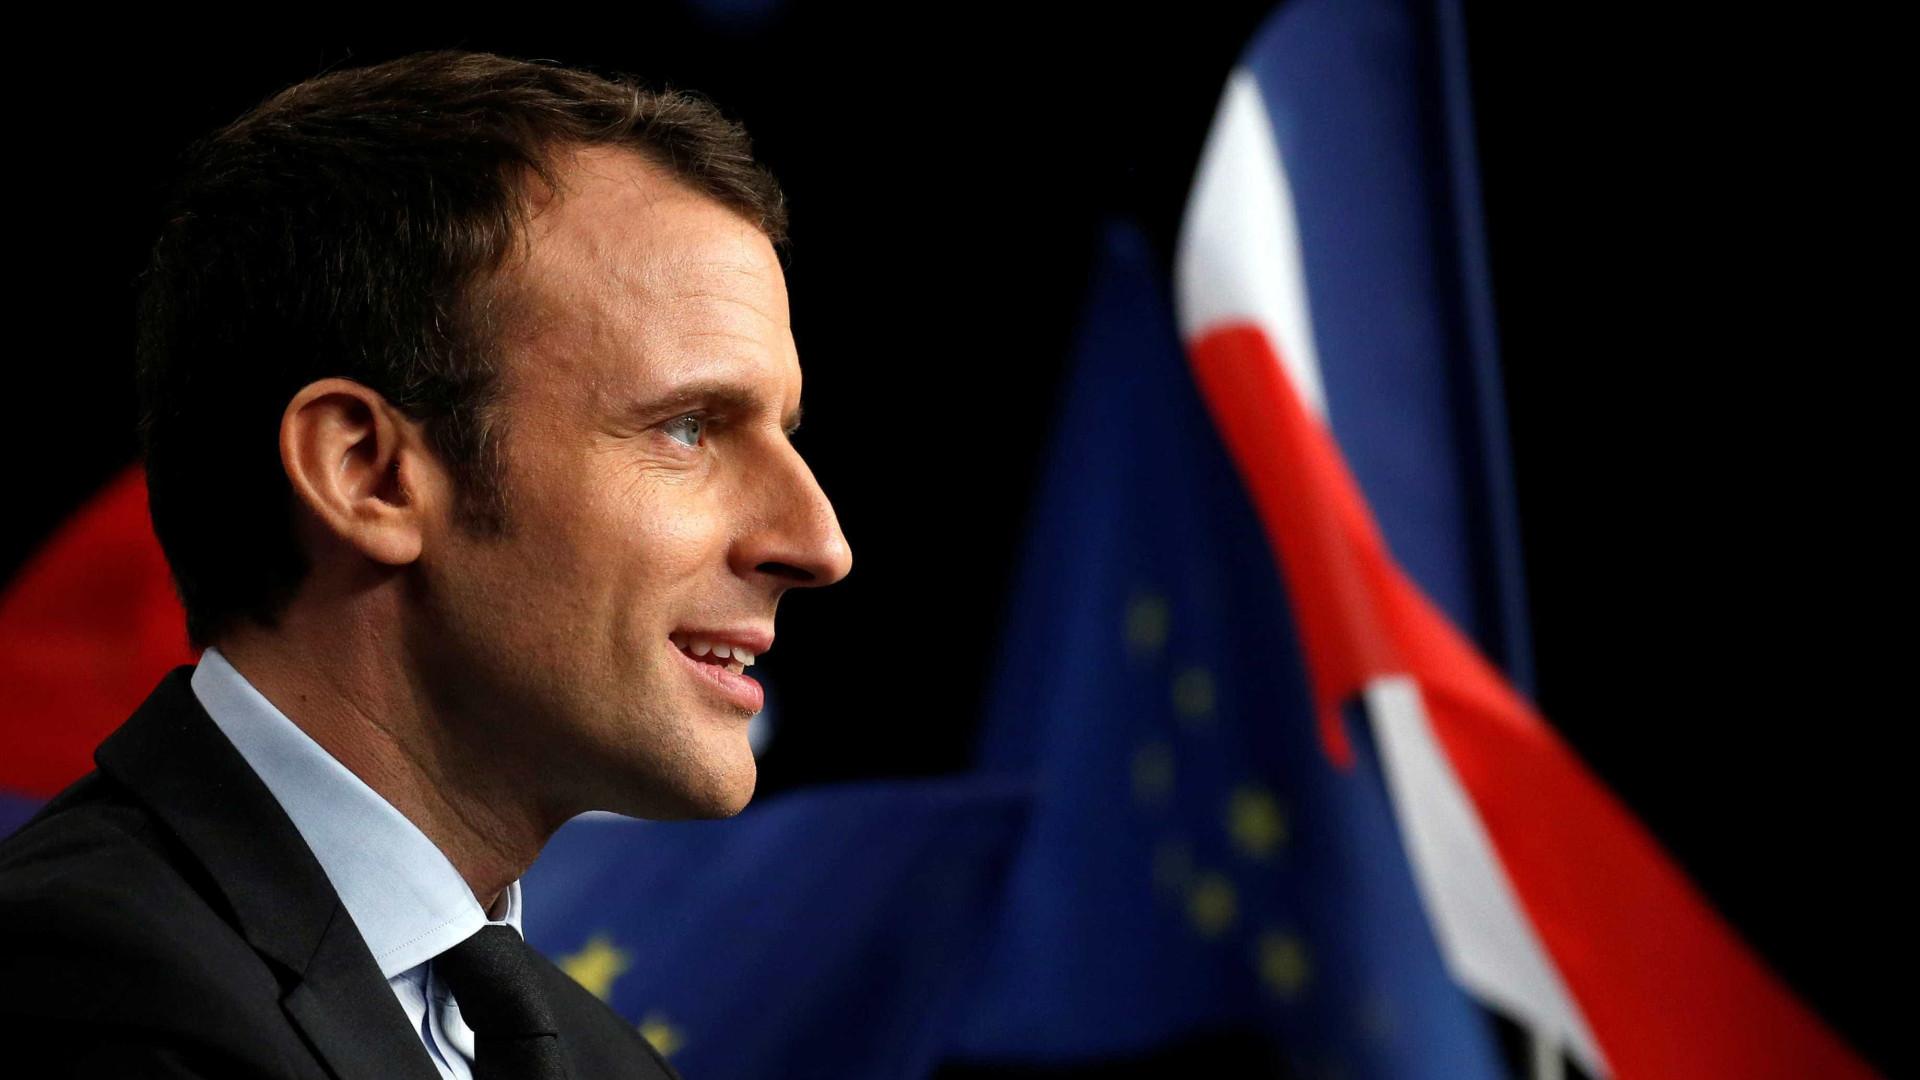 Candidato favorito na França comete gafe e confunde Guiana com ilha